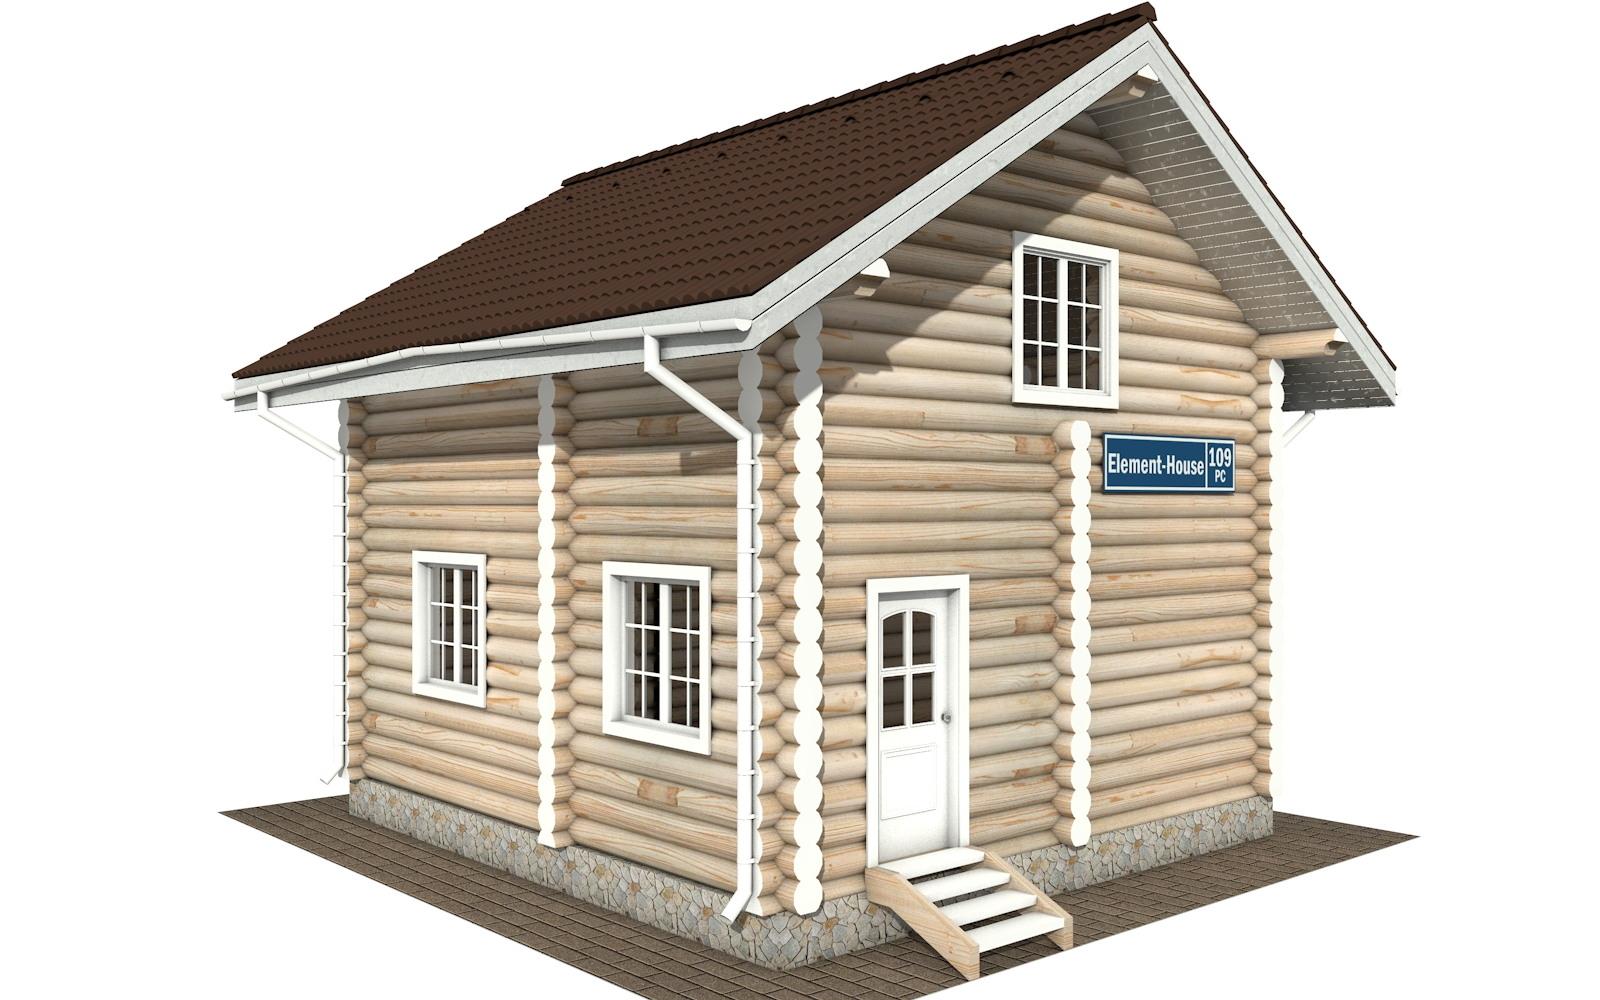 РС-109 - деревянный дома из бревна (из сруба)